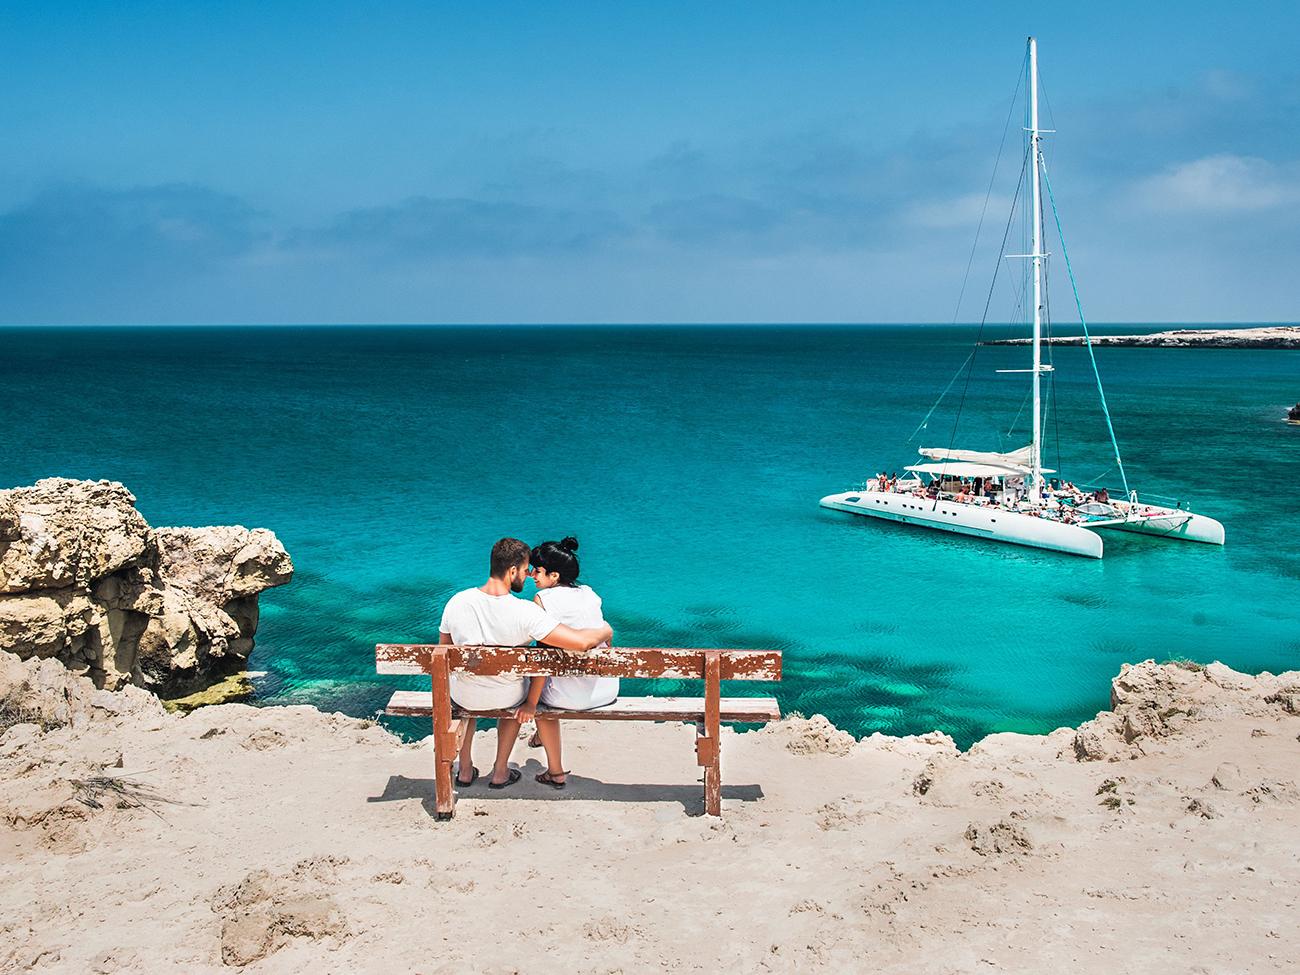 Кипр + Греческие острова  - Туристический оператор APL Travel (АПЛ Тревел)